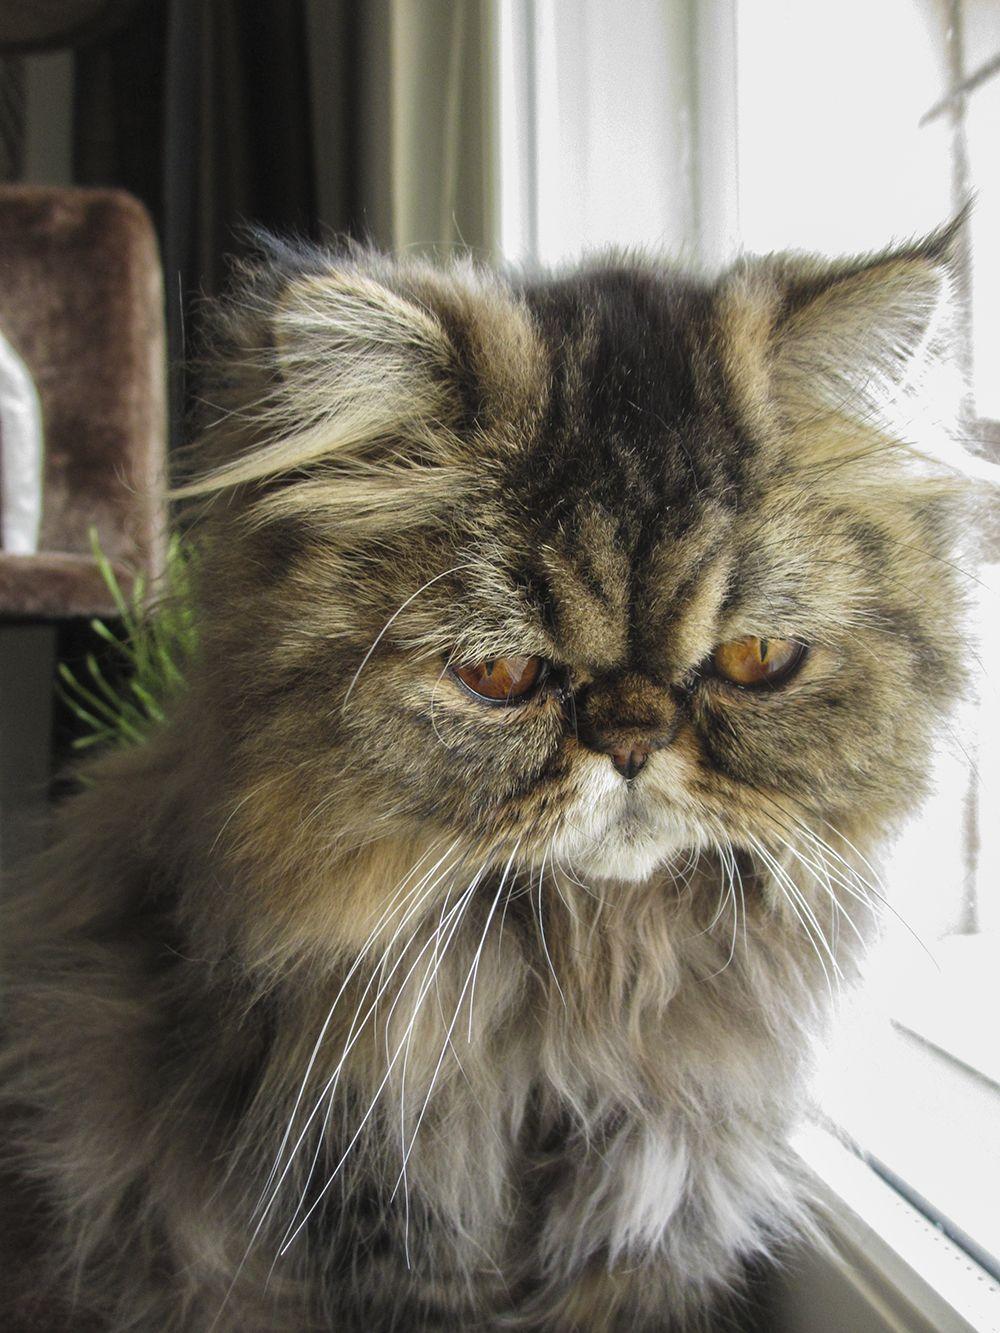 F*YEAH Persian Cats! Cats, cats, Persian cat